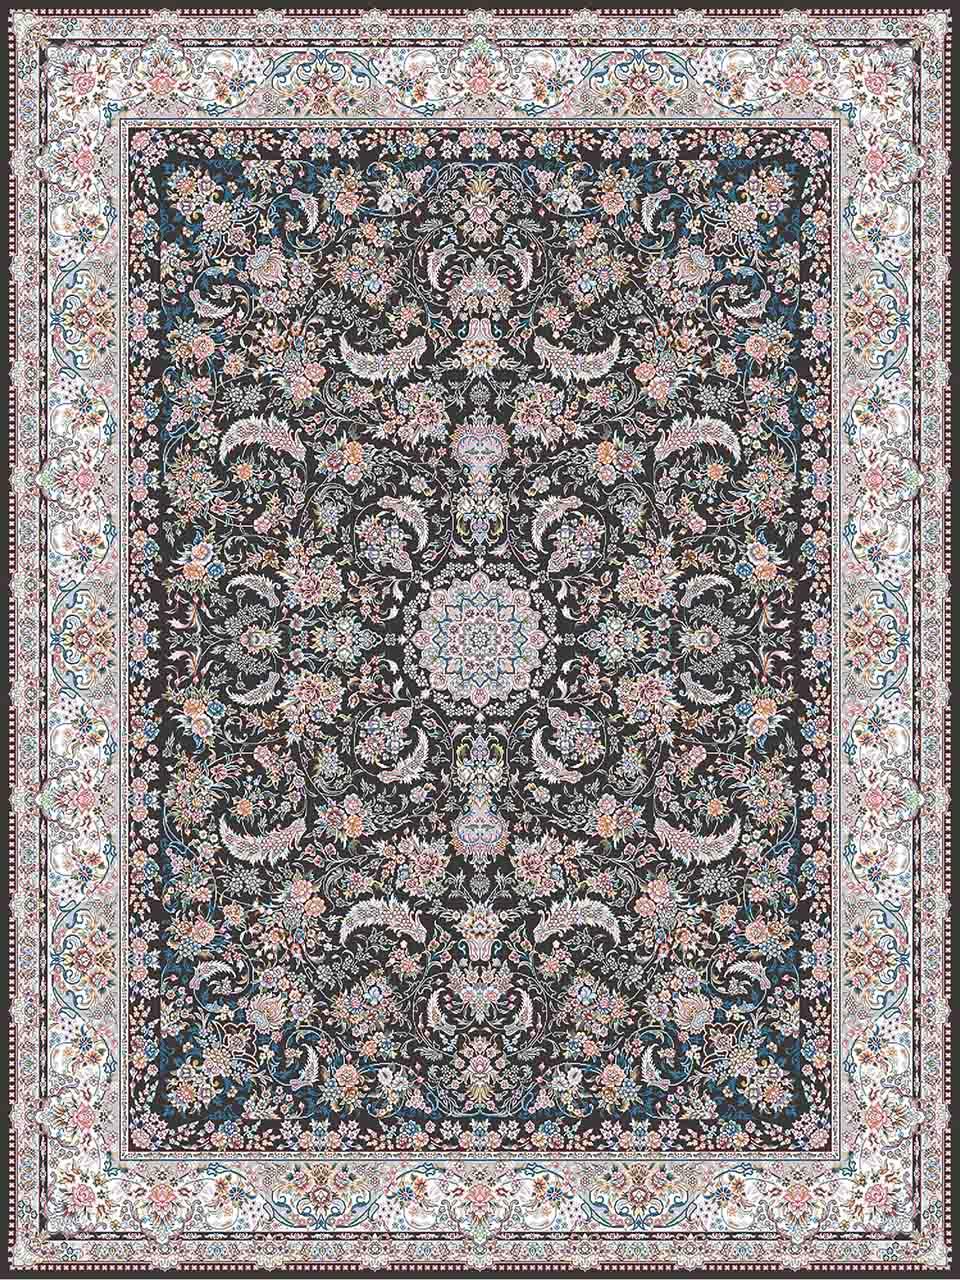 فرش (18302) اکریلیک - 8 رنگ - 500 شانه - دودی- تراکم 1200